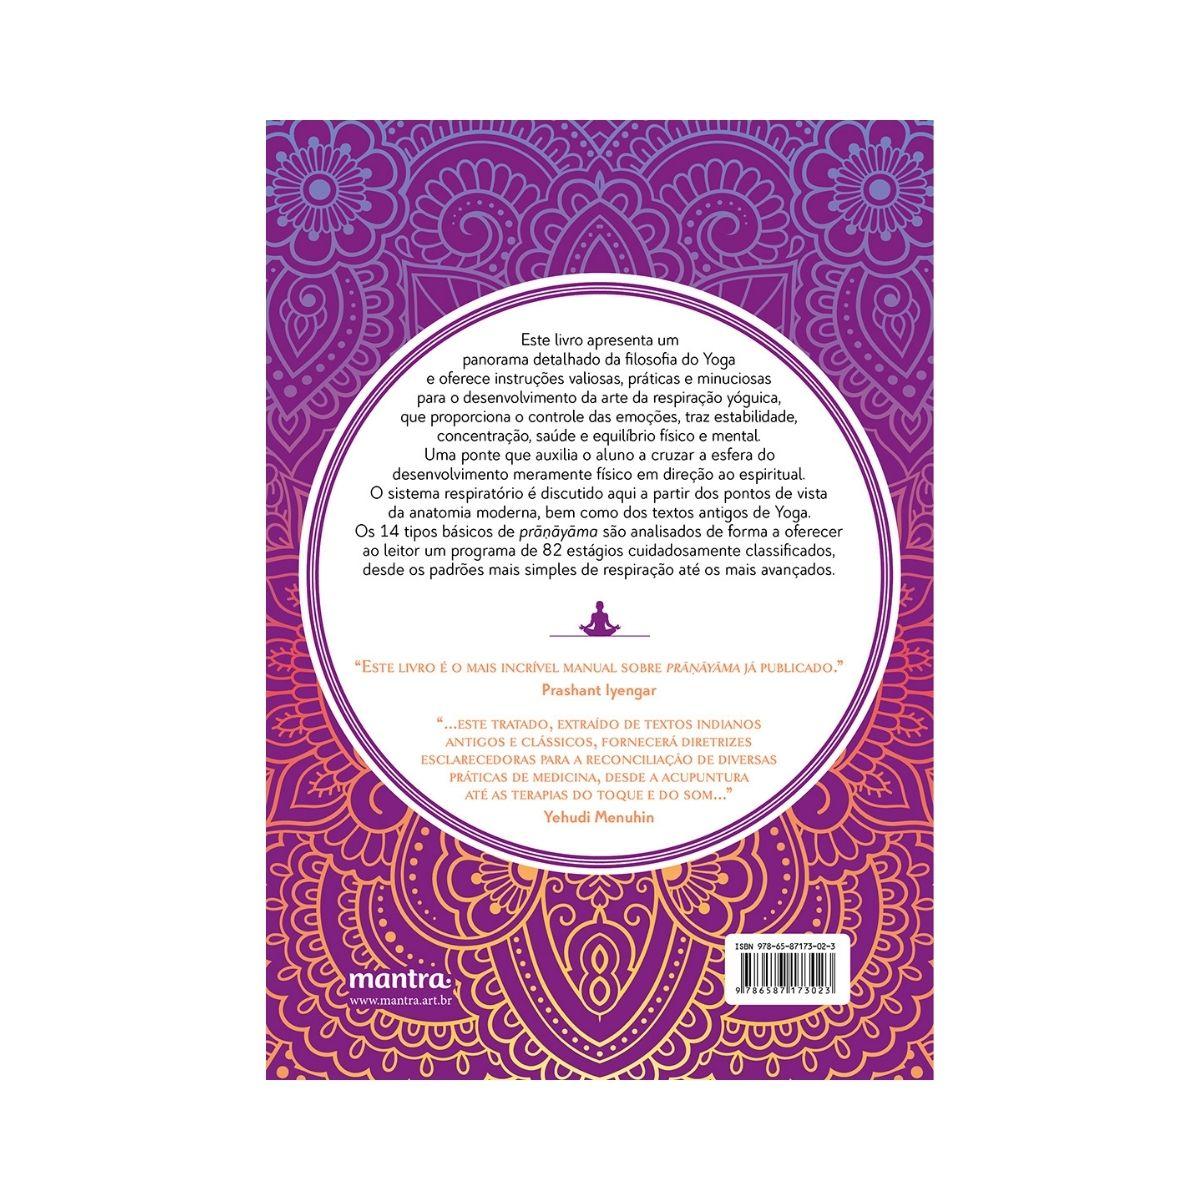 Luz sobre o Pranayama: O guia completo para a arte da respiração - B. K. S. Iyengar